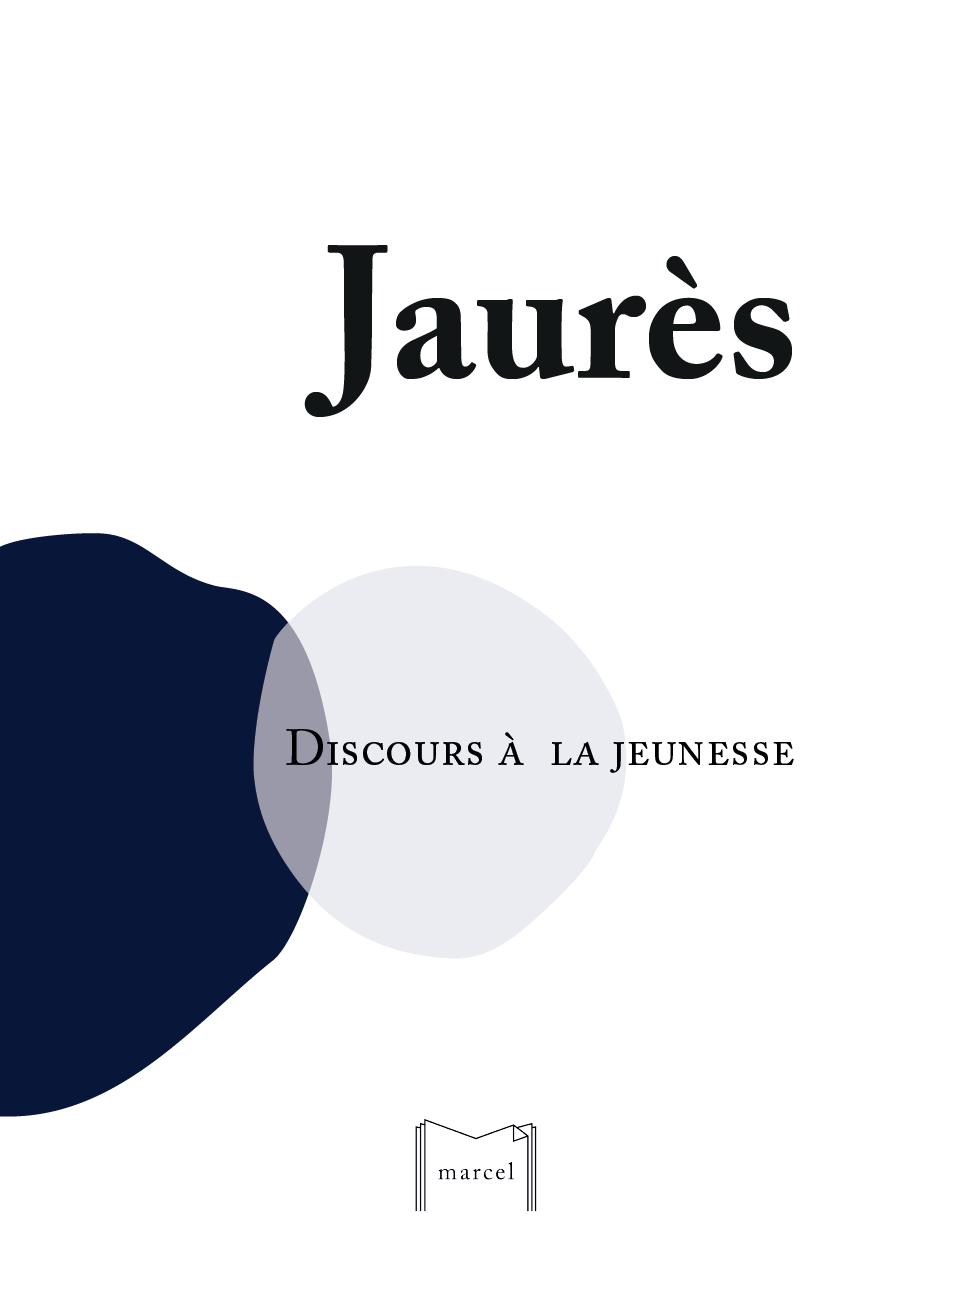 Image of Jean Jaurès, Discours à la jeunesse